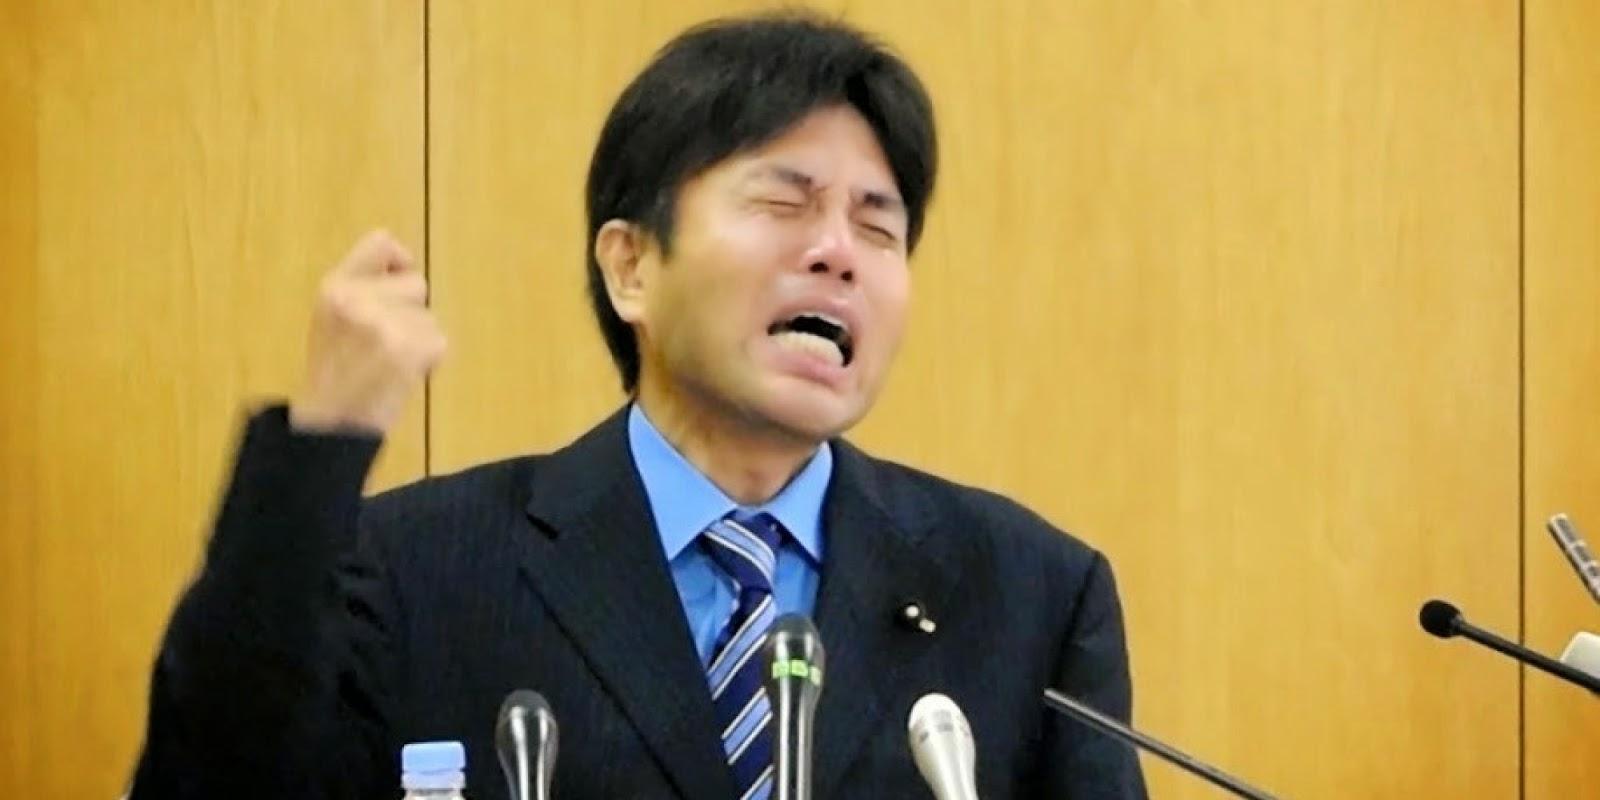 日本の地方議会のあり方についてのアンケートです。